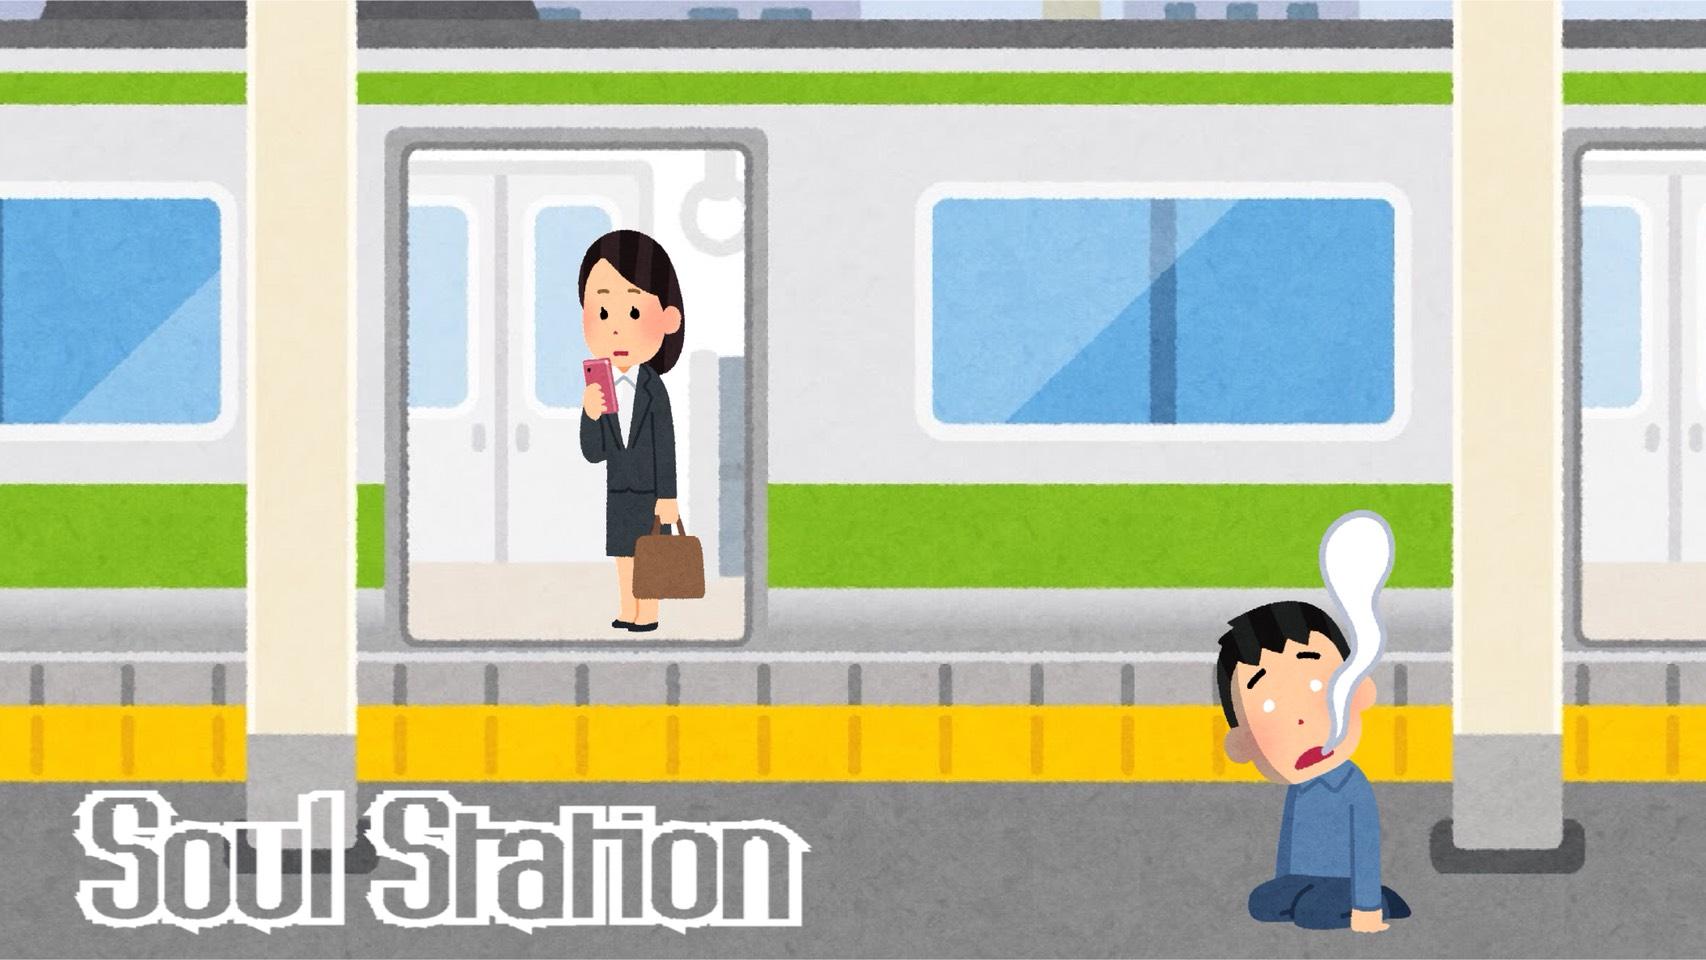 「Soul Station」のイメージ